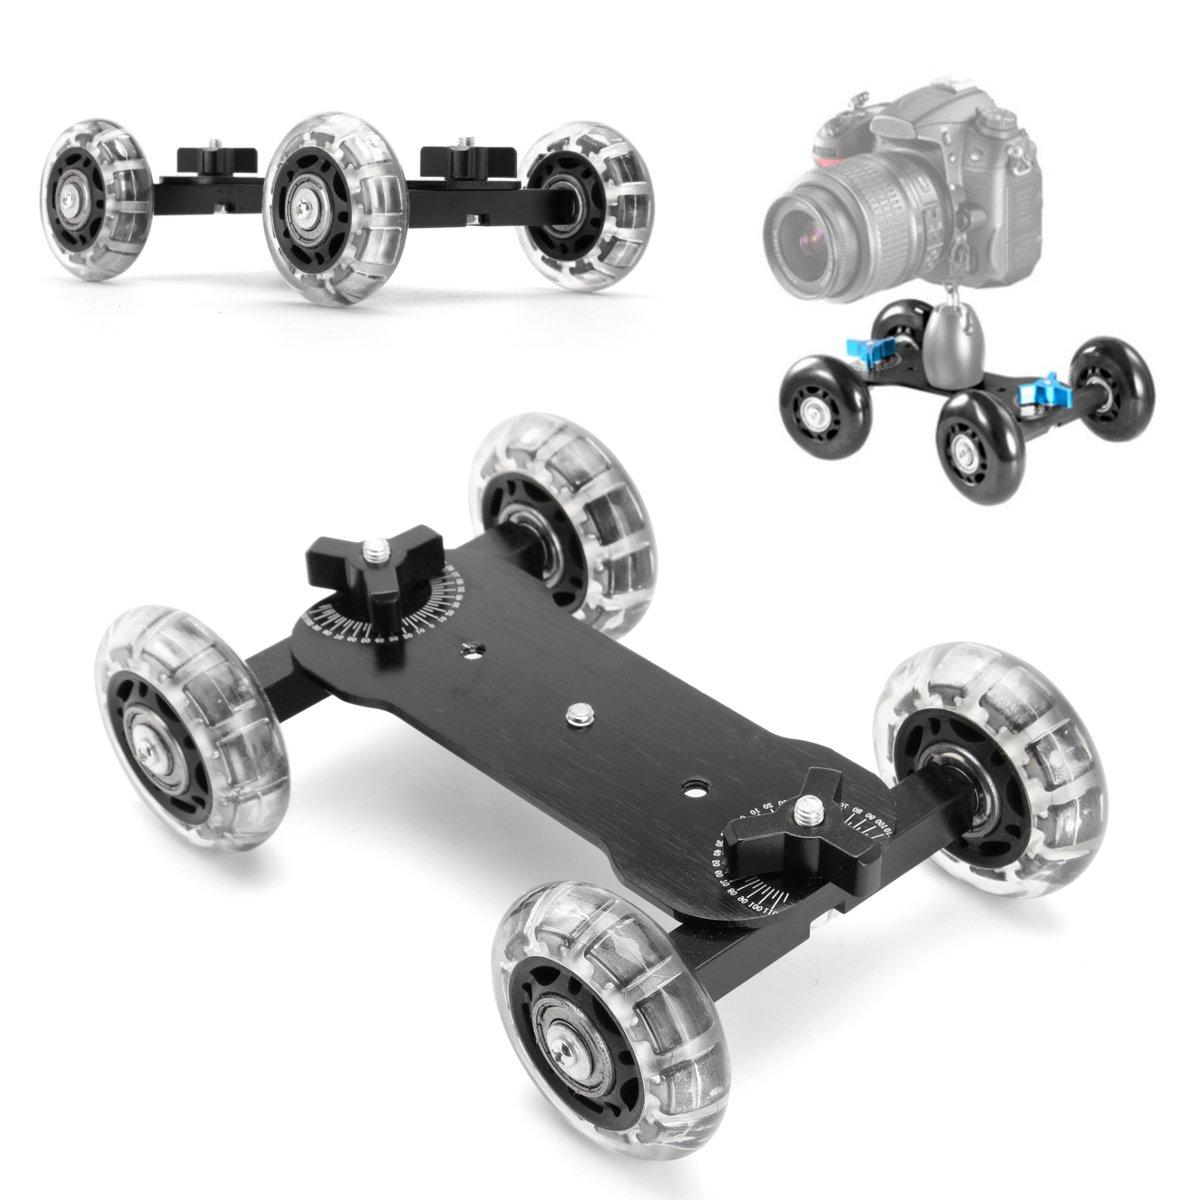 DSLR Desktop Camera Video Wheels Rail Rolling Track Slider Dolly Car Skate Glide Camera Rolling Sliding Dolly Stabilizer Skater